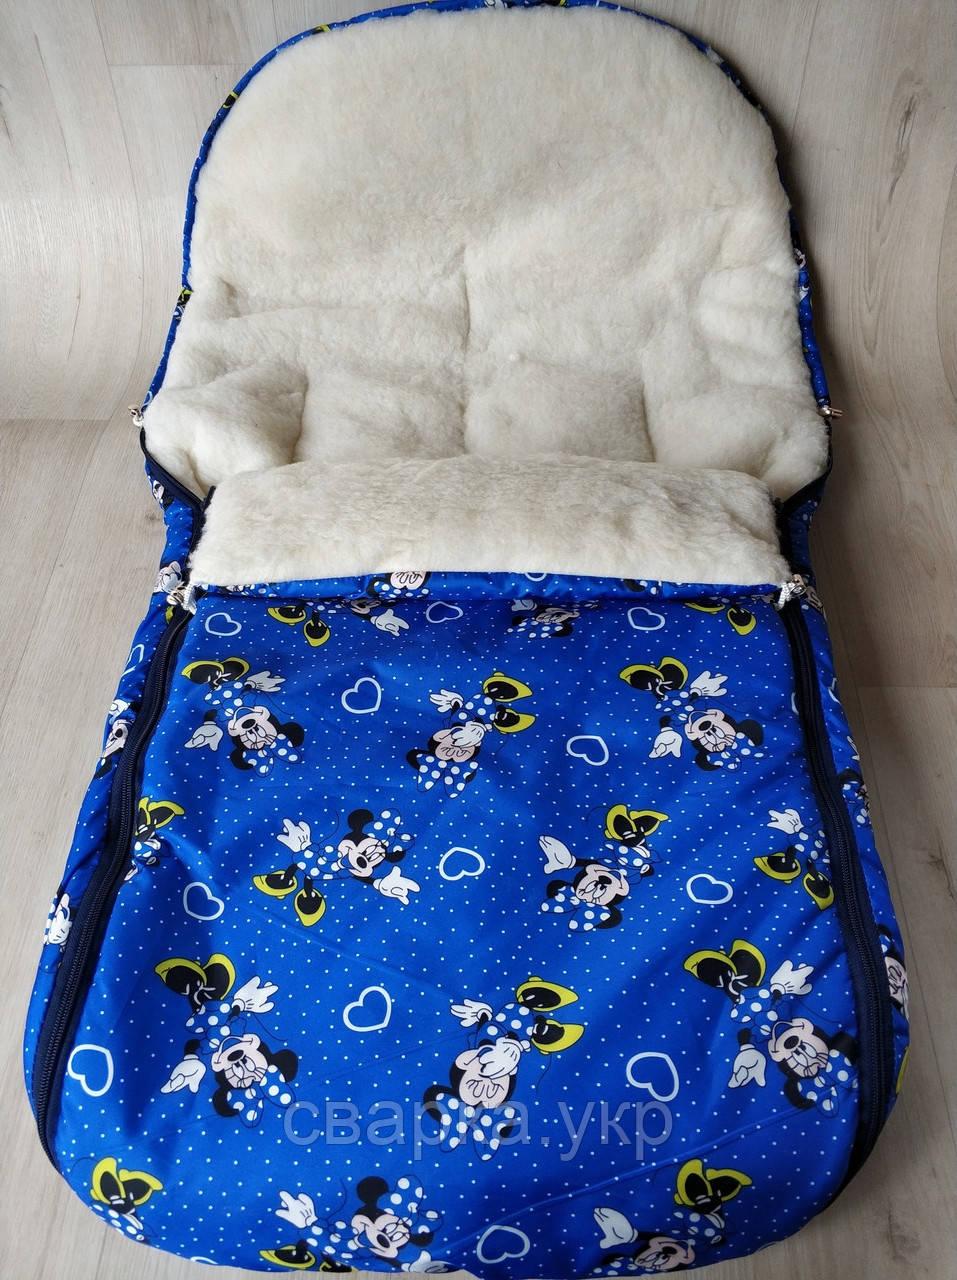 Конверт детский чехол на овчине меху зимний универсальный  в коляску (санки) 4 в 1 синий мики маус